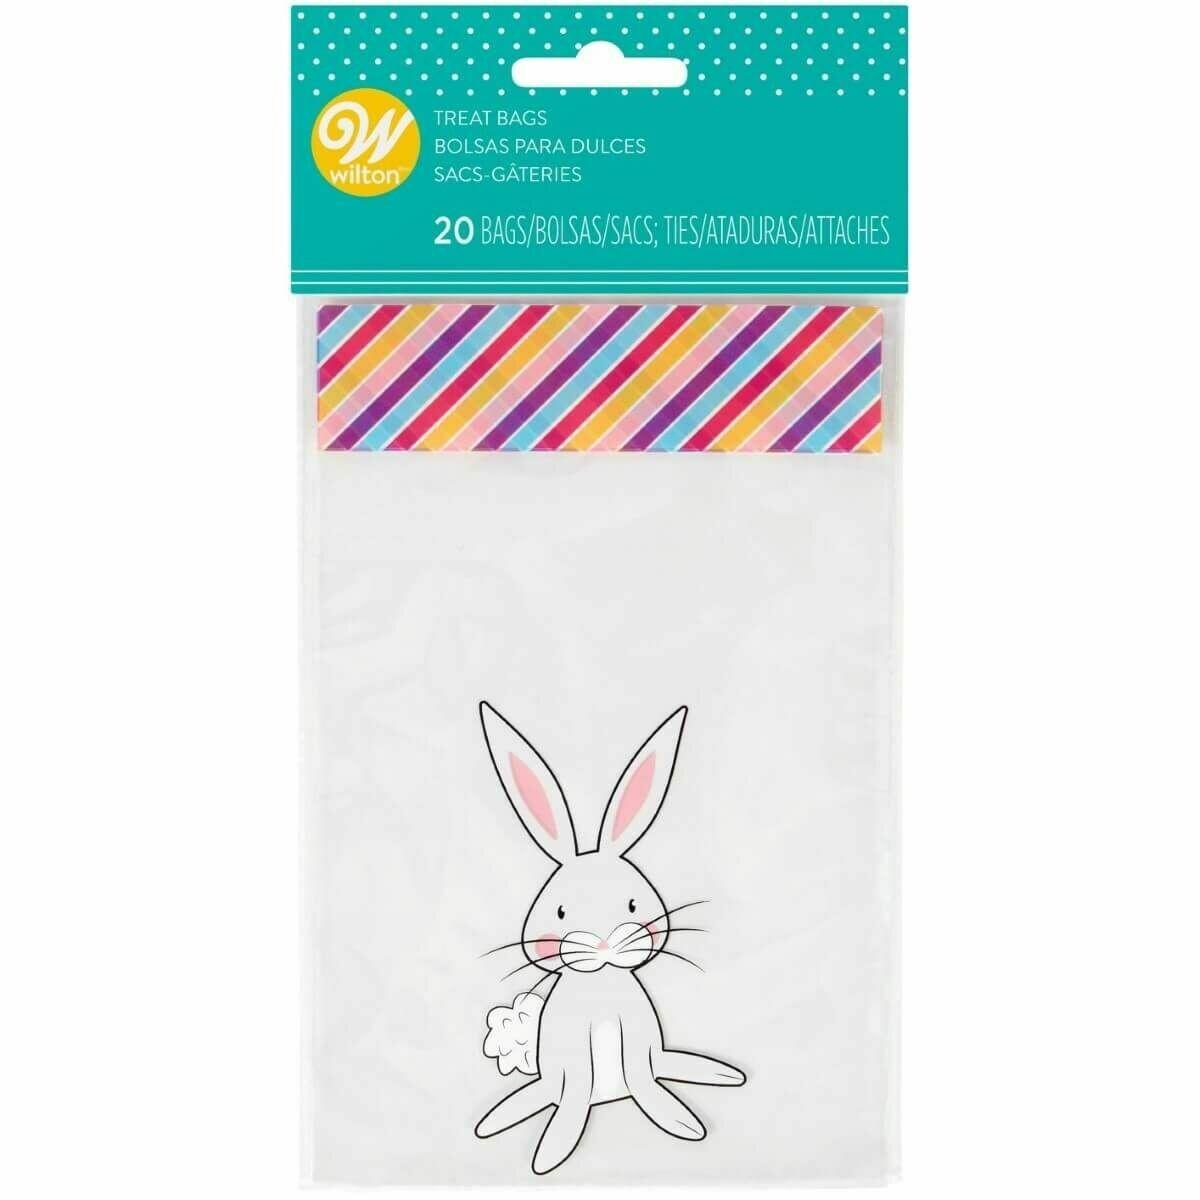 Wilton Easter Treat Bags -CUTE BUNNY -20τεμ σακουλάκια και συρματάκια για γλυκά & ζαχαρωτά Κουνελάκι